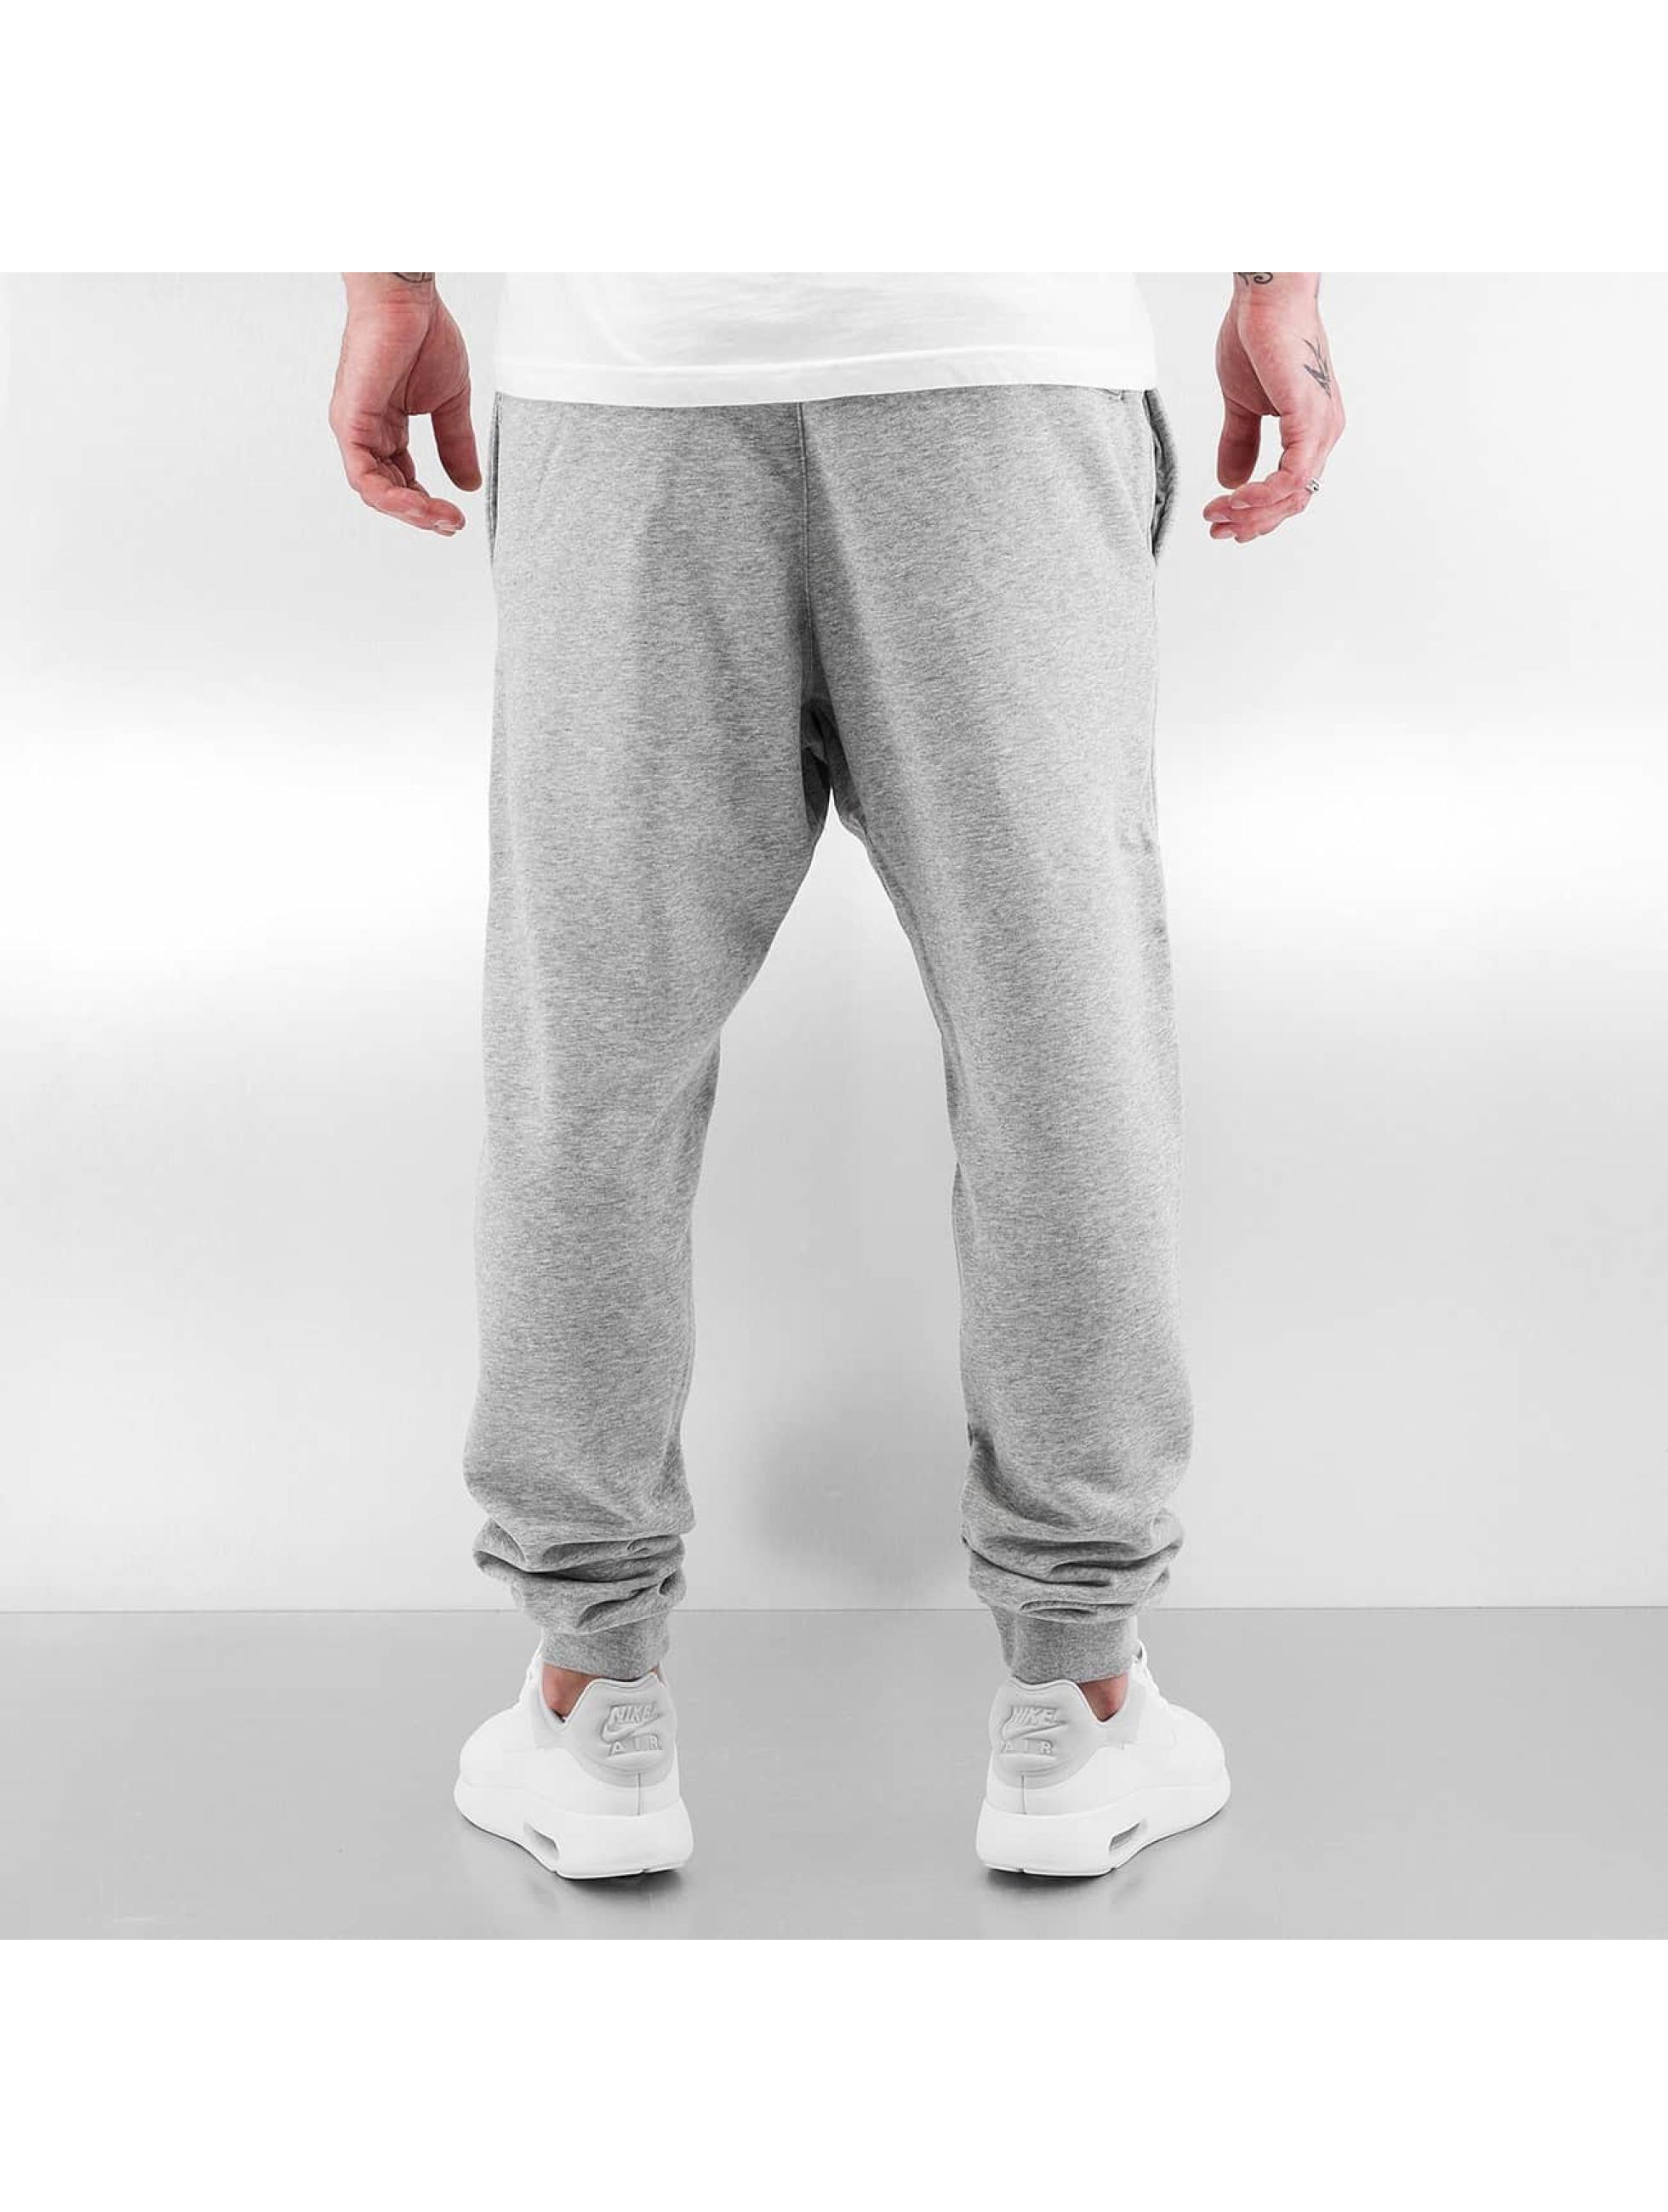 nike sportswear gris homme jogging 257566. Black Bedroom Furniture Sets. Home Design Ideas